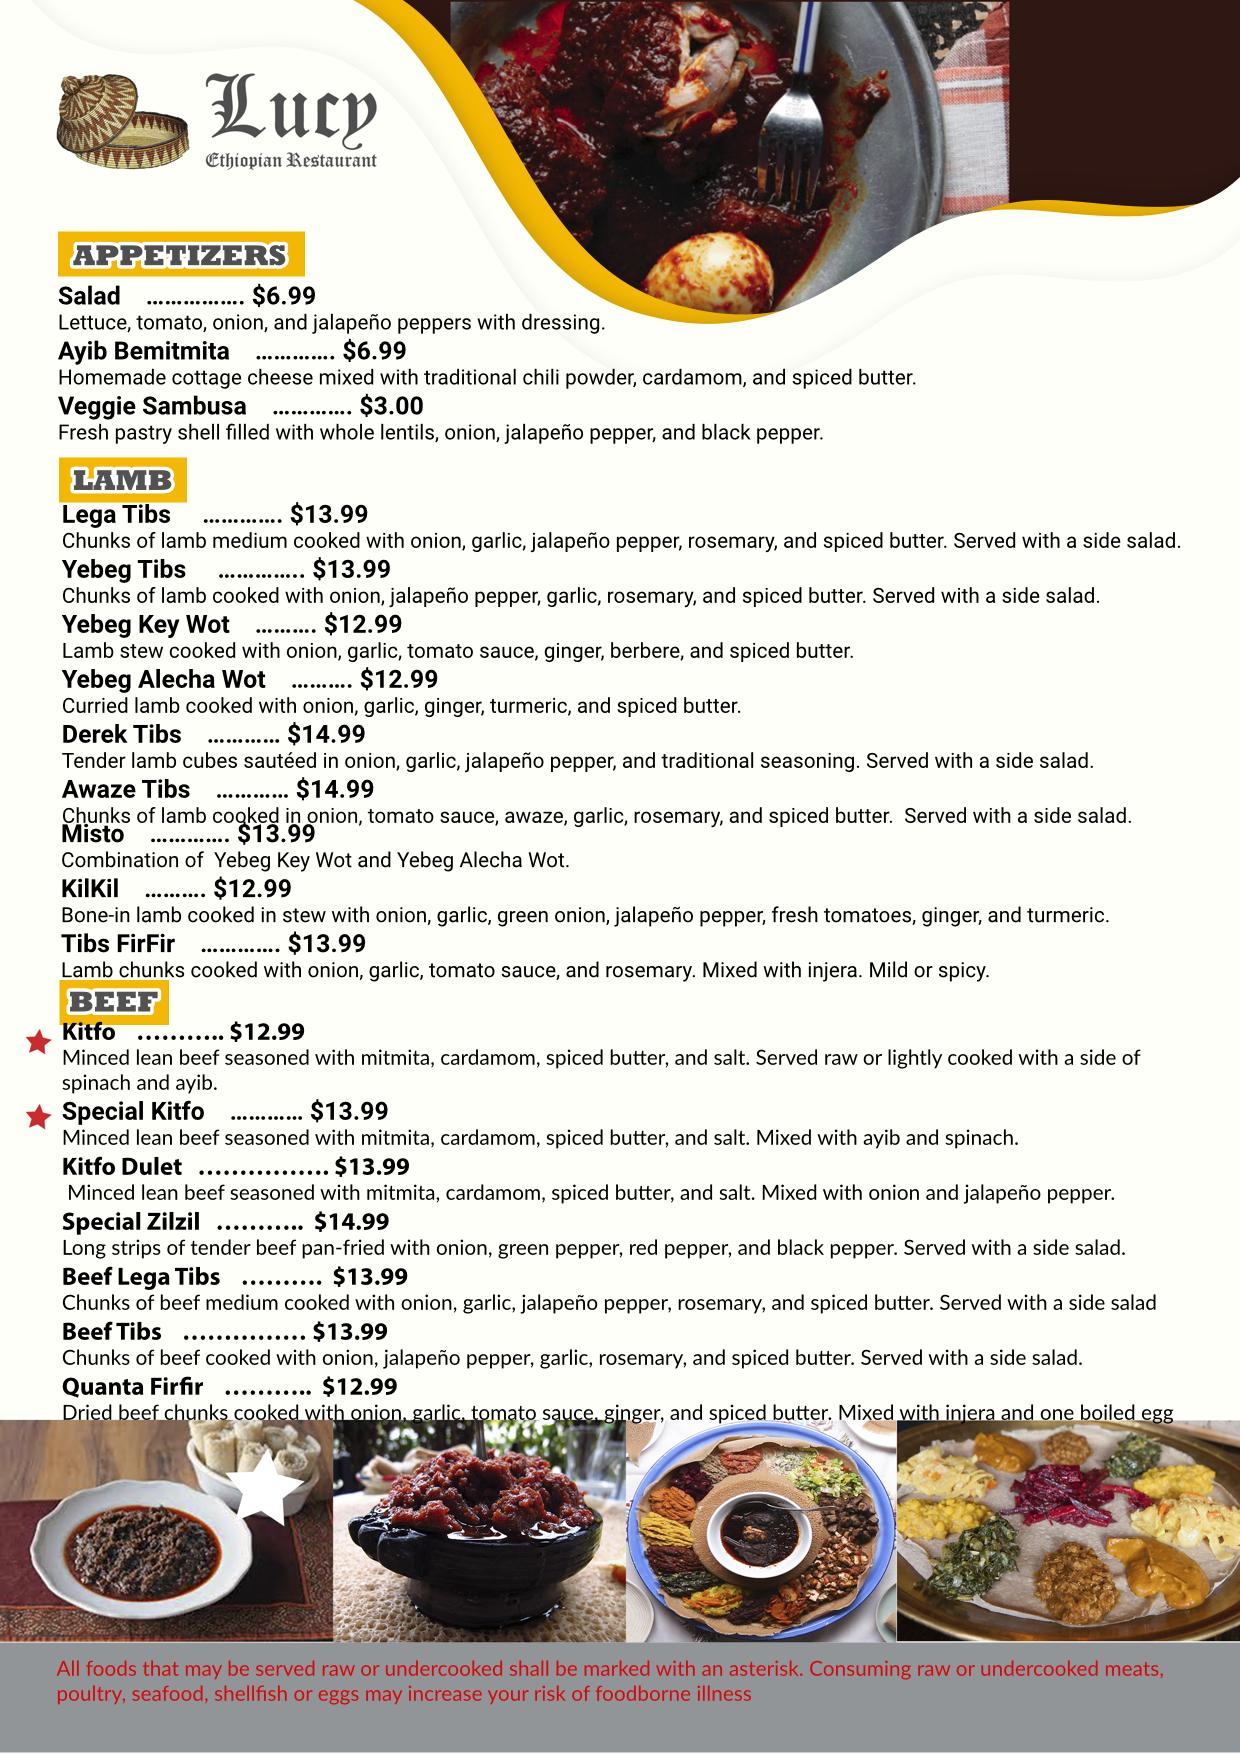 food menu design service